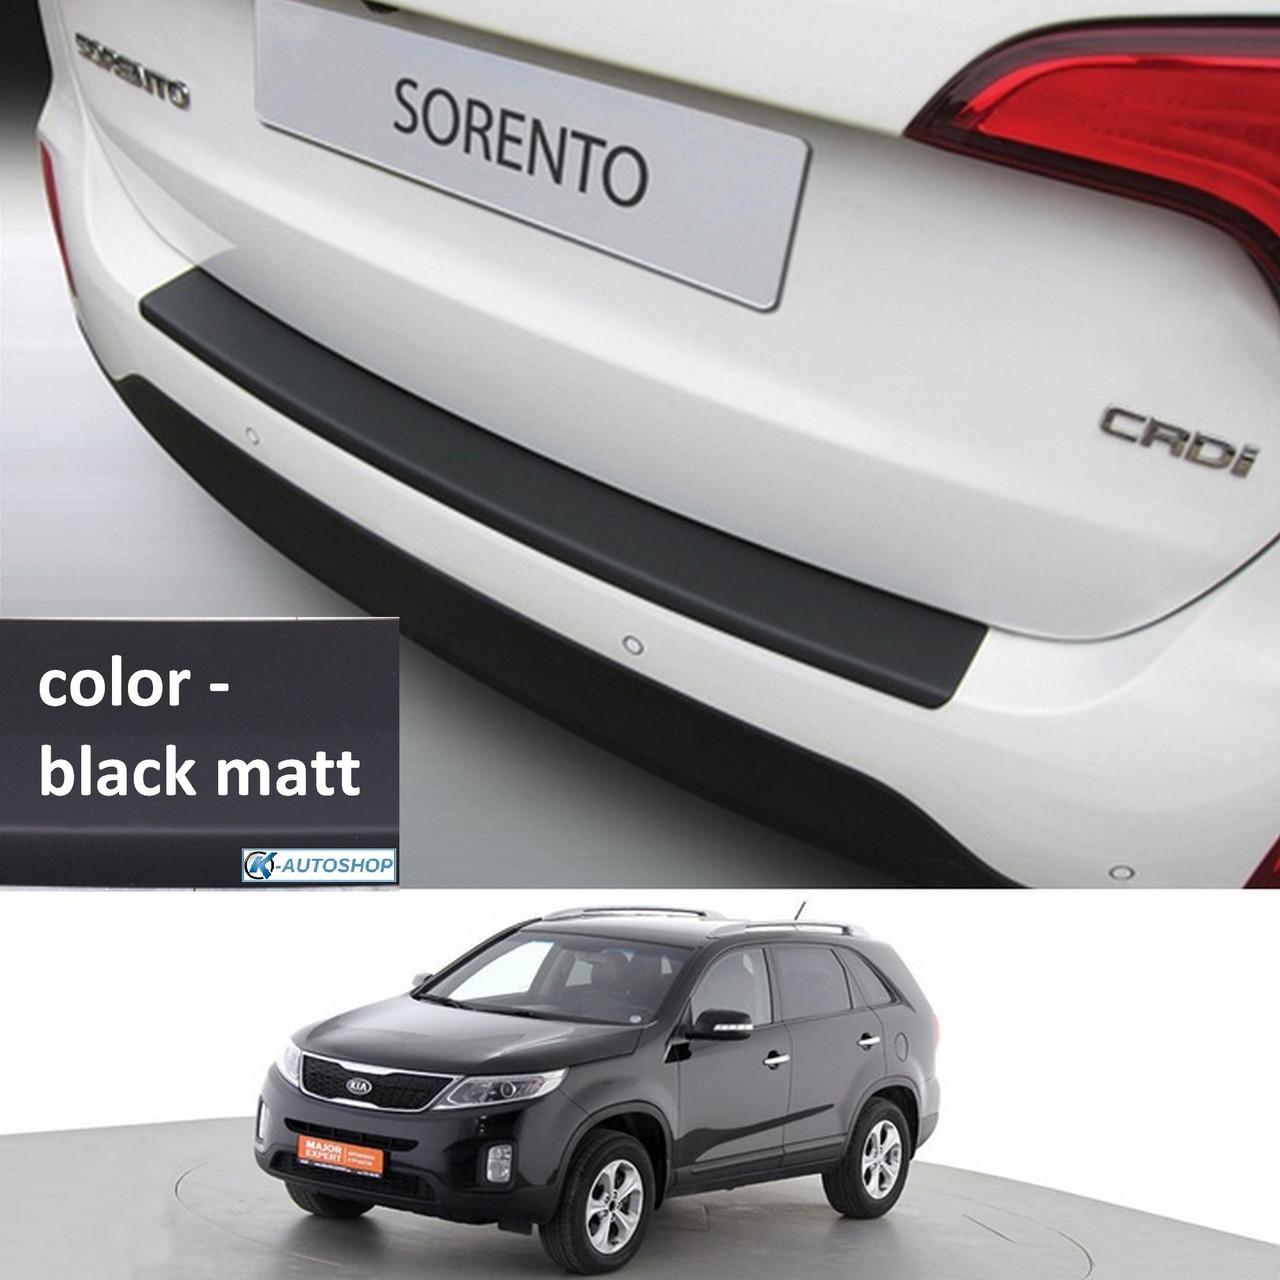 Пластикова захисна накладка на задній бампер для KIA Sorento Mk2 lift 2012-2014